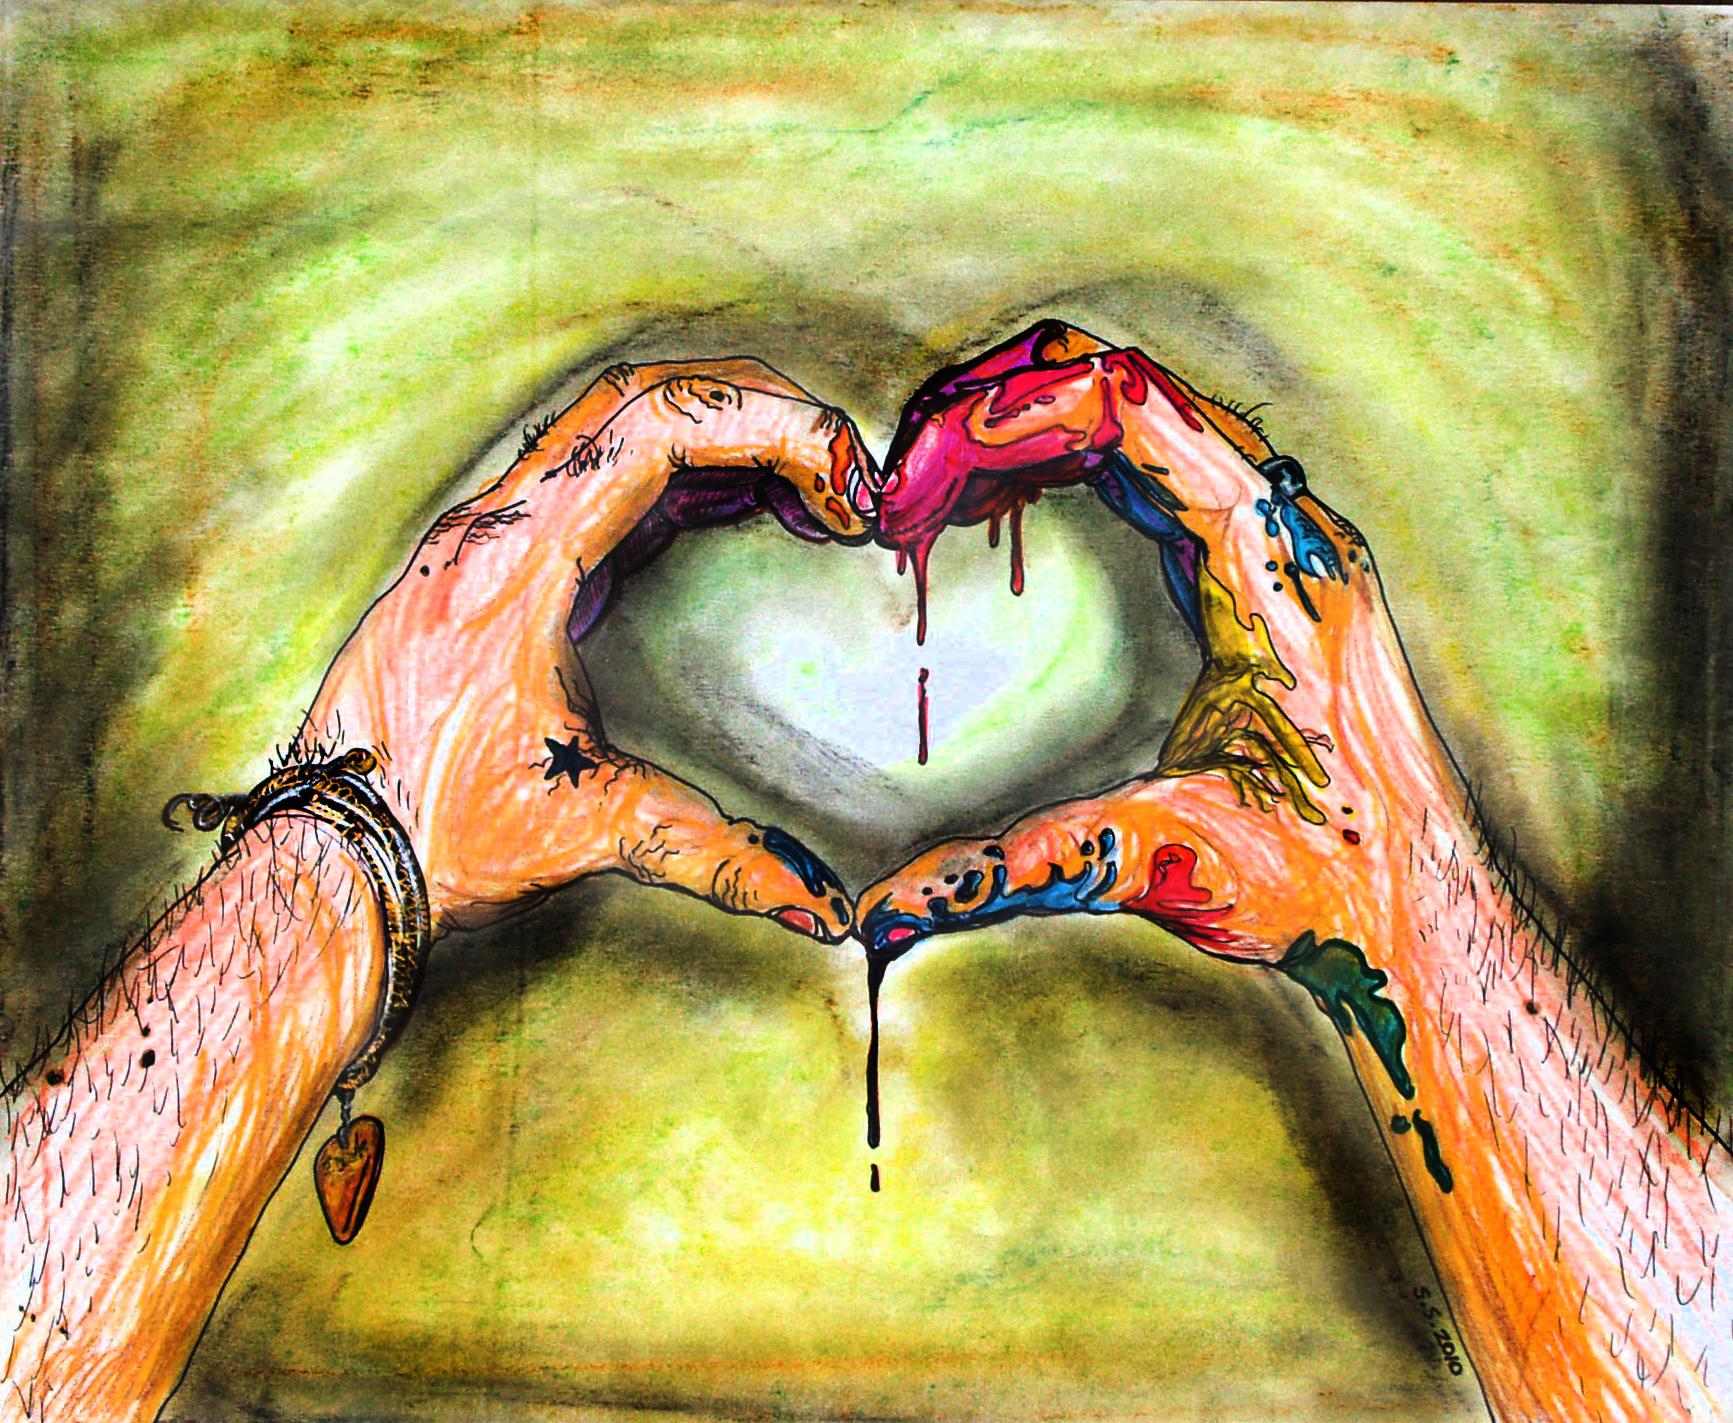 Music + Art = Love by Schteeve on Newgrounds